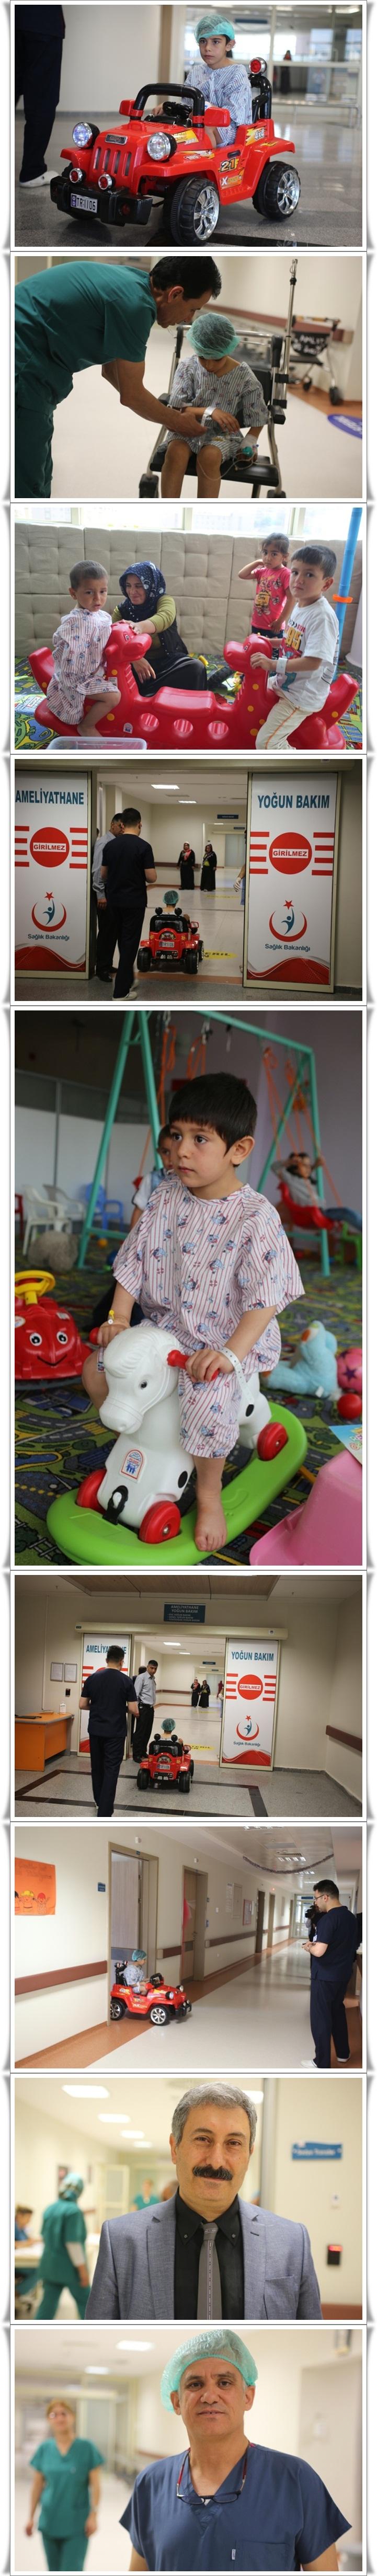 Siirt'te Ameliyatlar Sevdirilerek Yapılıyor (1)-vert